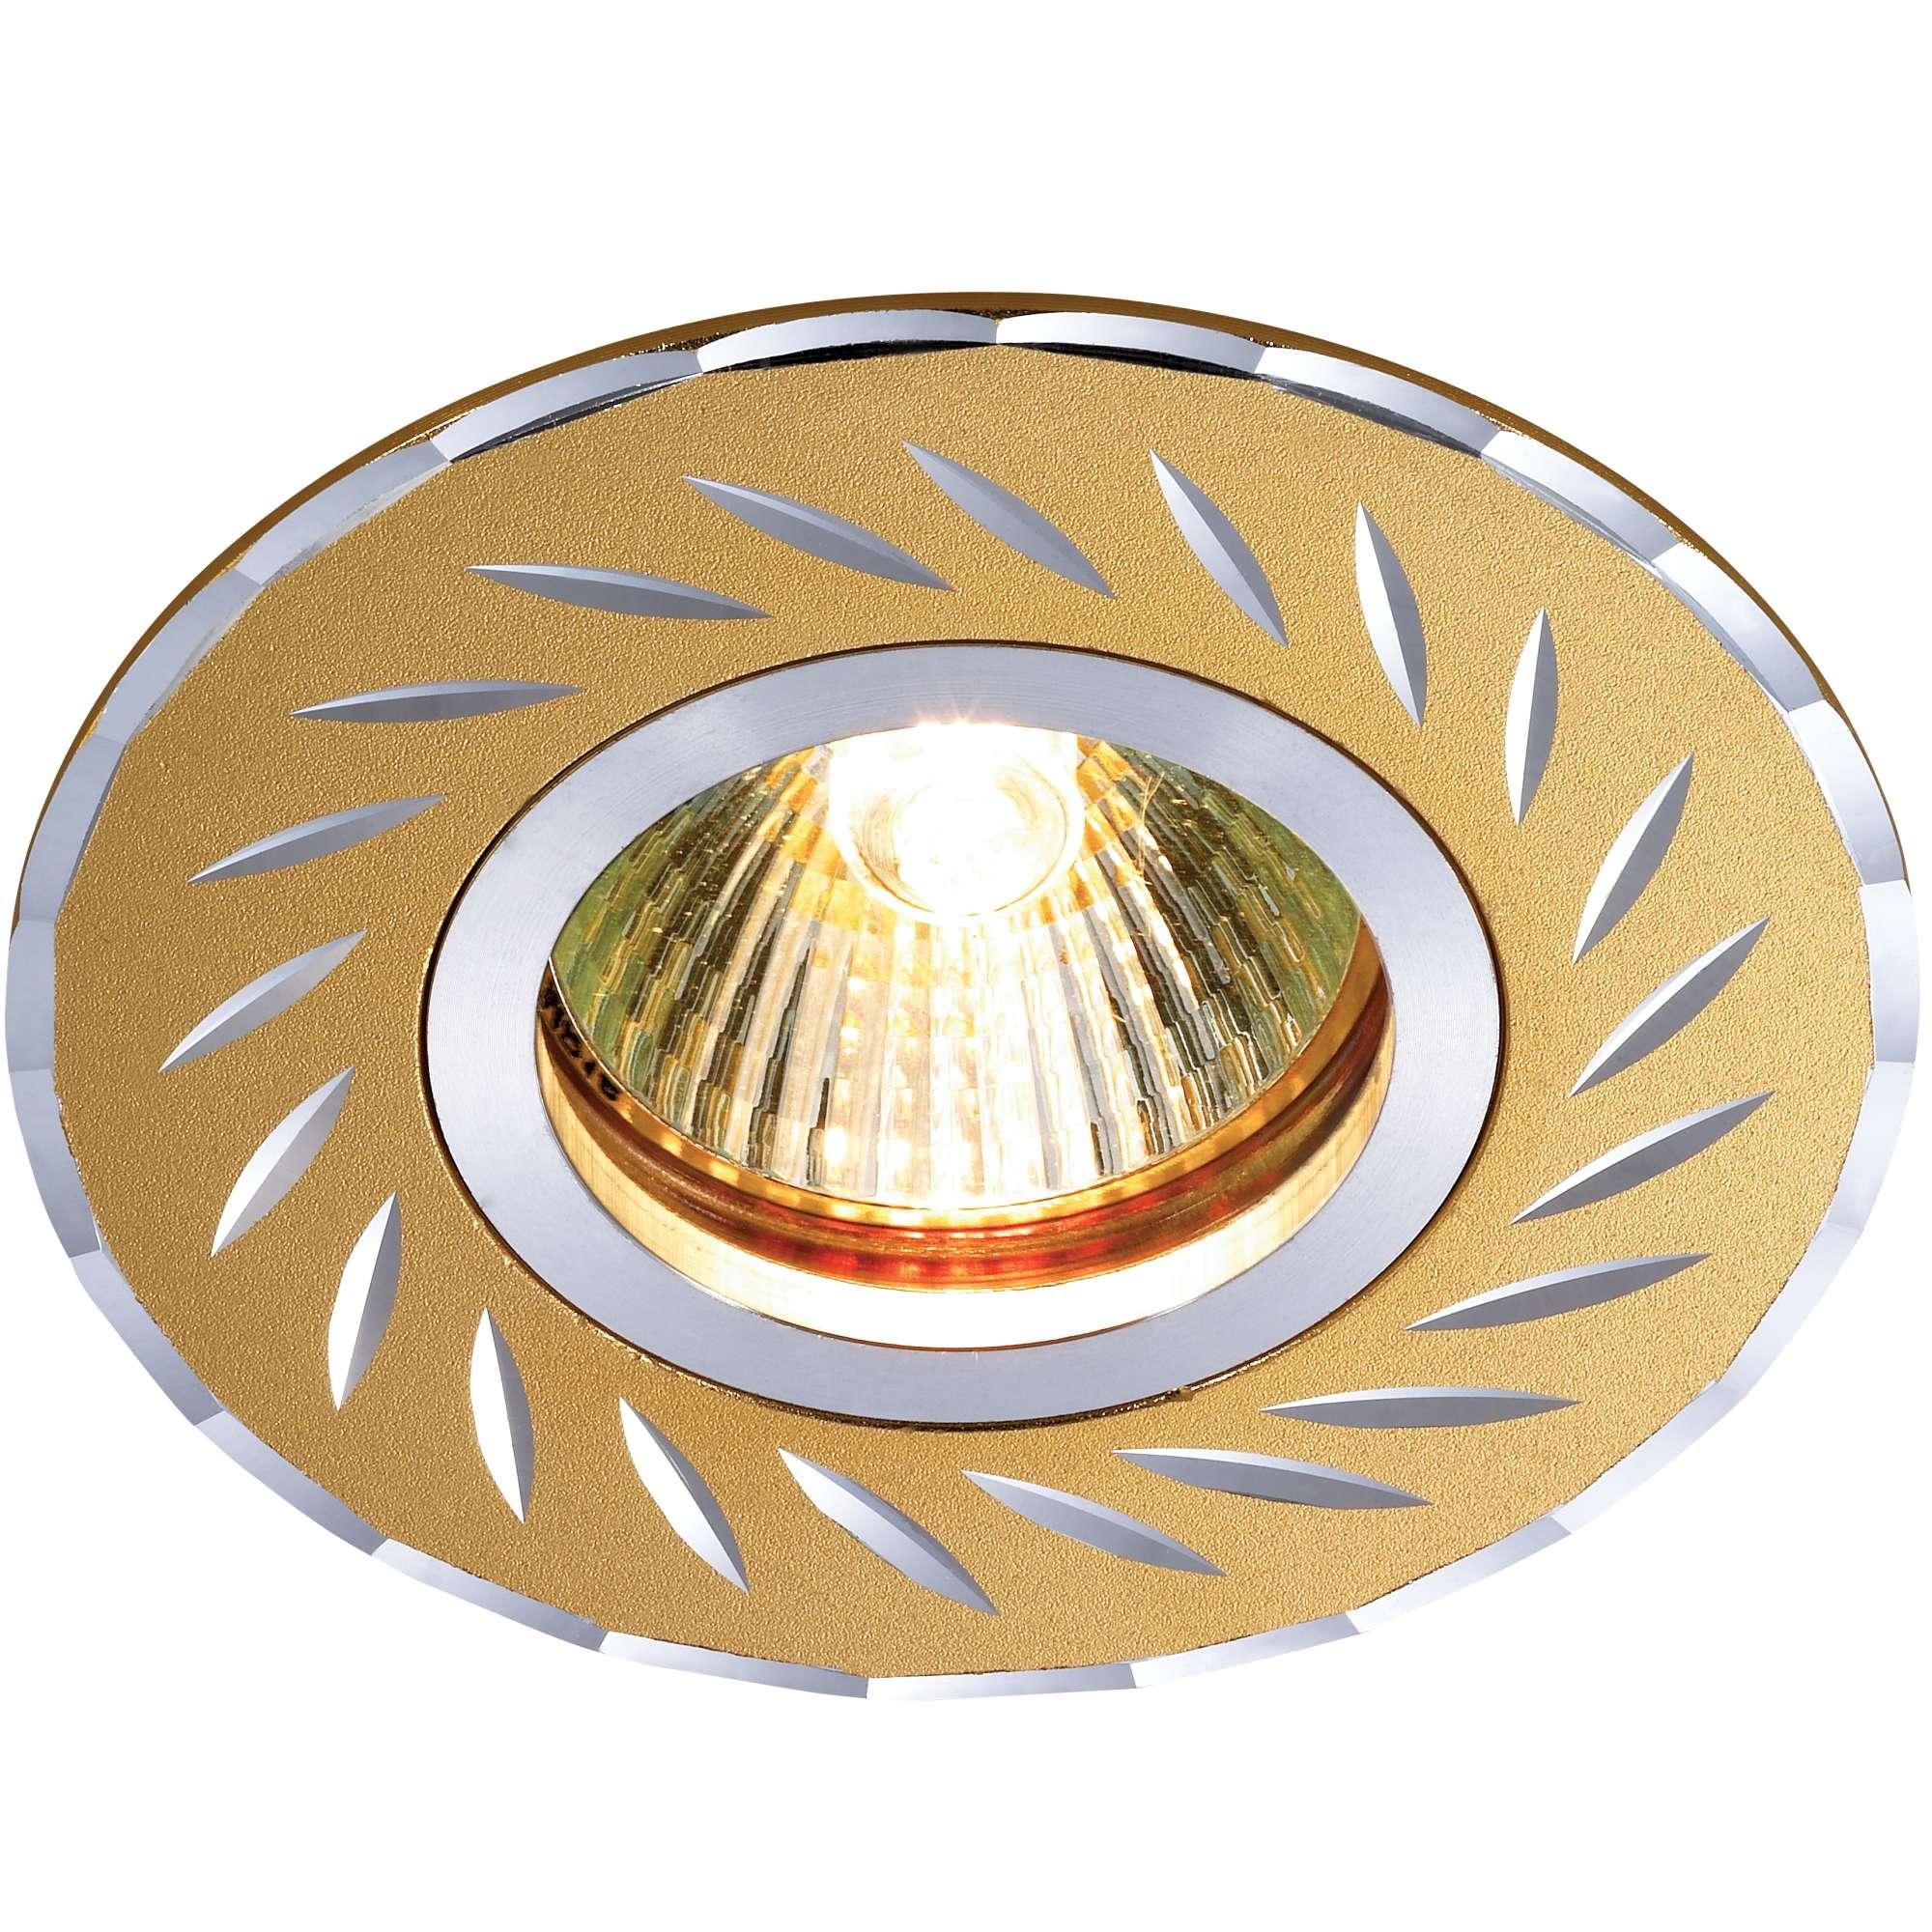 Светильник встраиваемый Novotech Voodoo nt12 173 369772 встраиваемый светильник novotech voodoo 369772